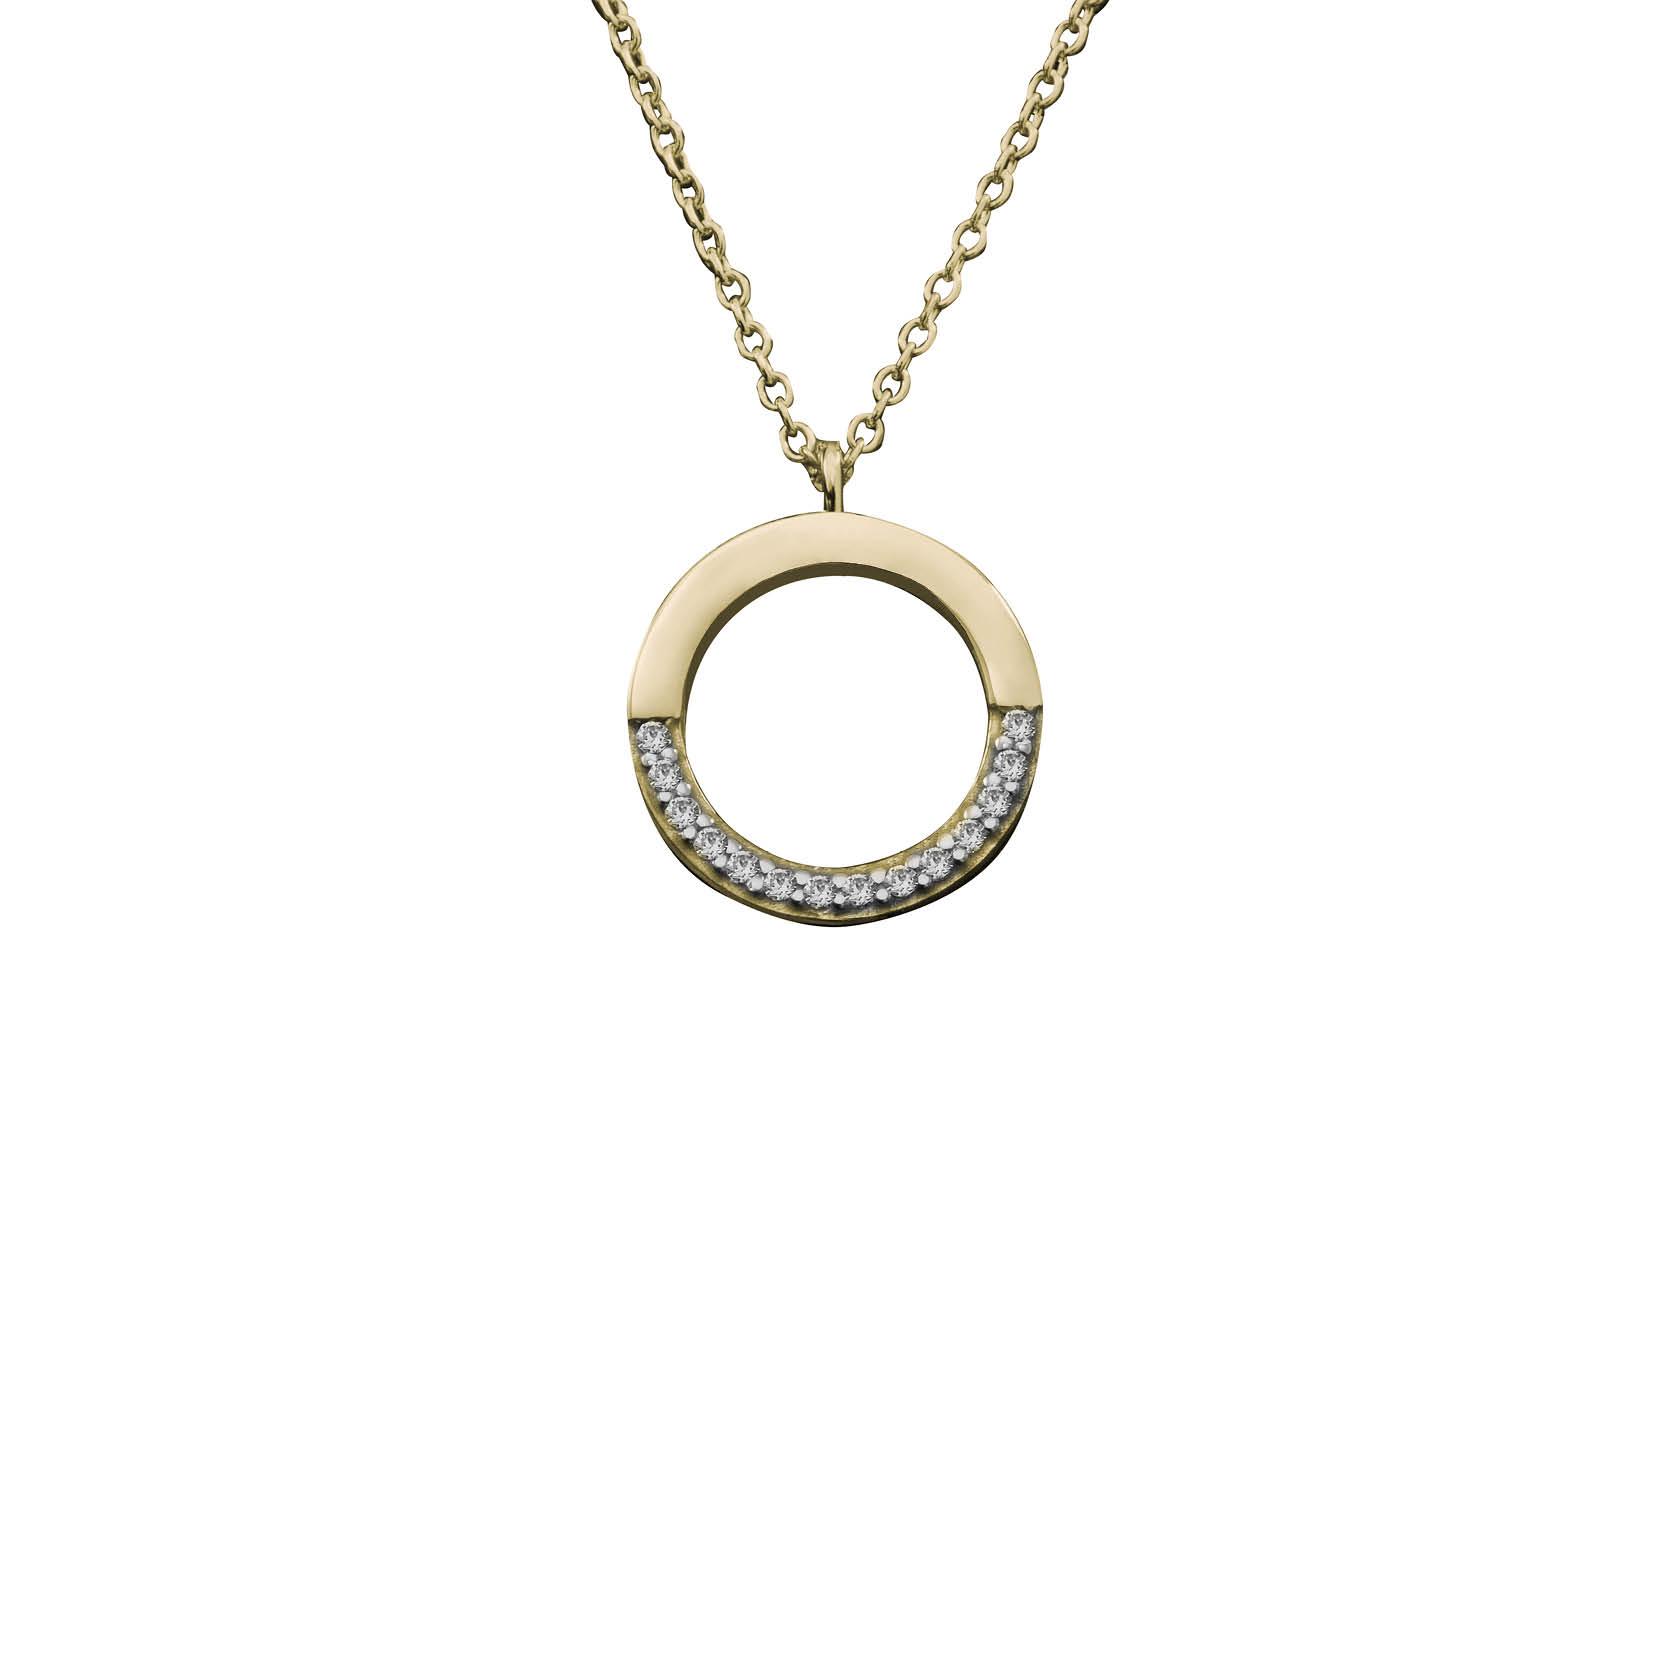 Κολιέ με Ζιργκόν Χρυσός Κ14 - 03Ν394